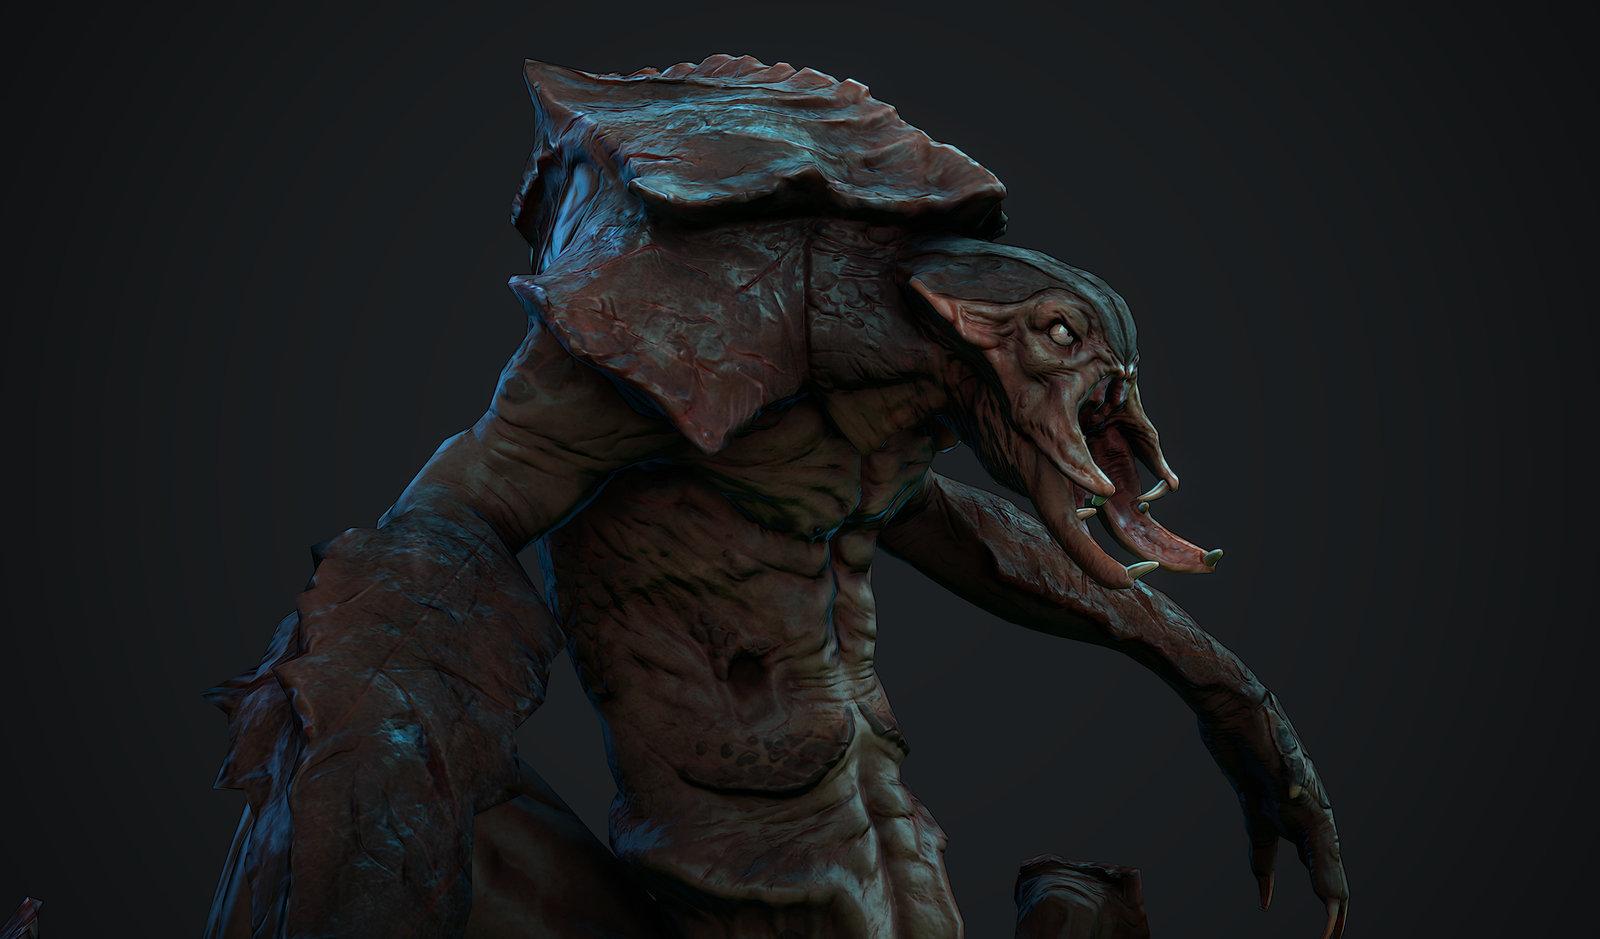 Alien/ Creature Design